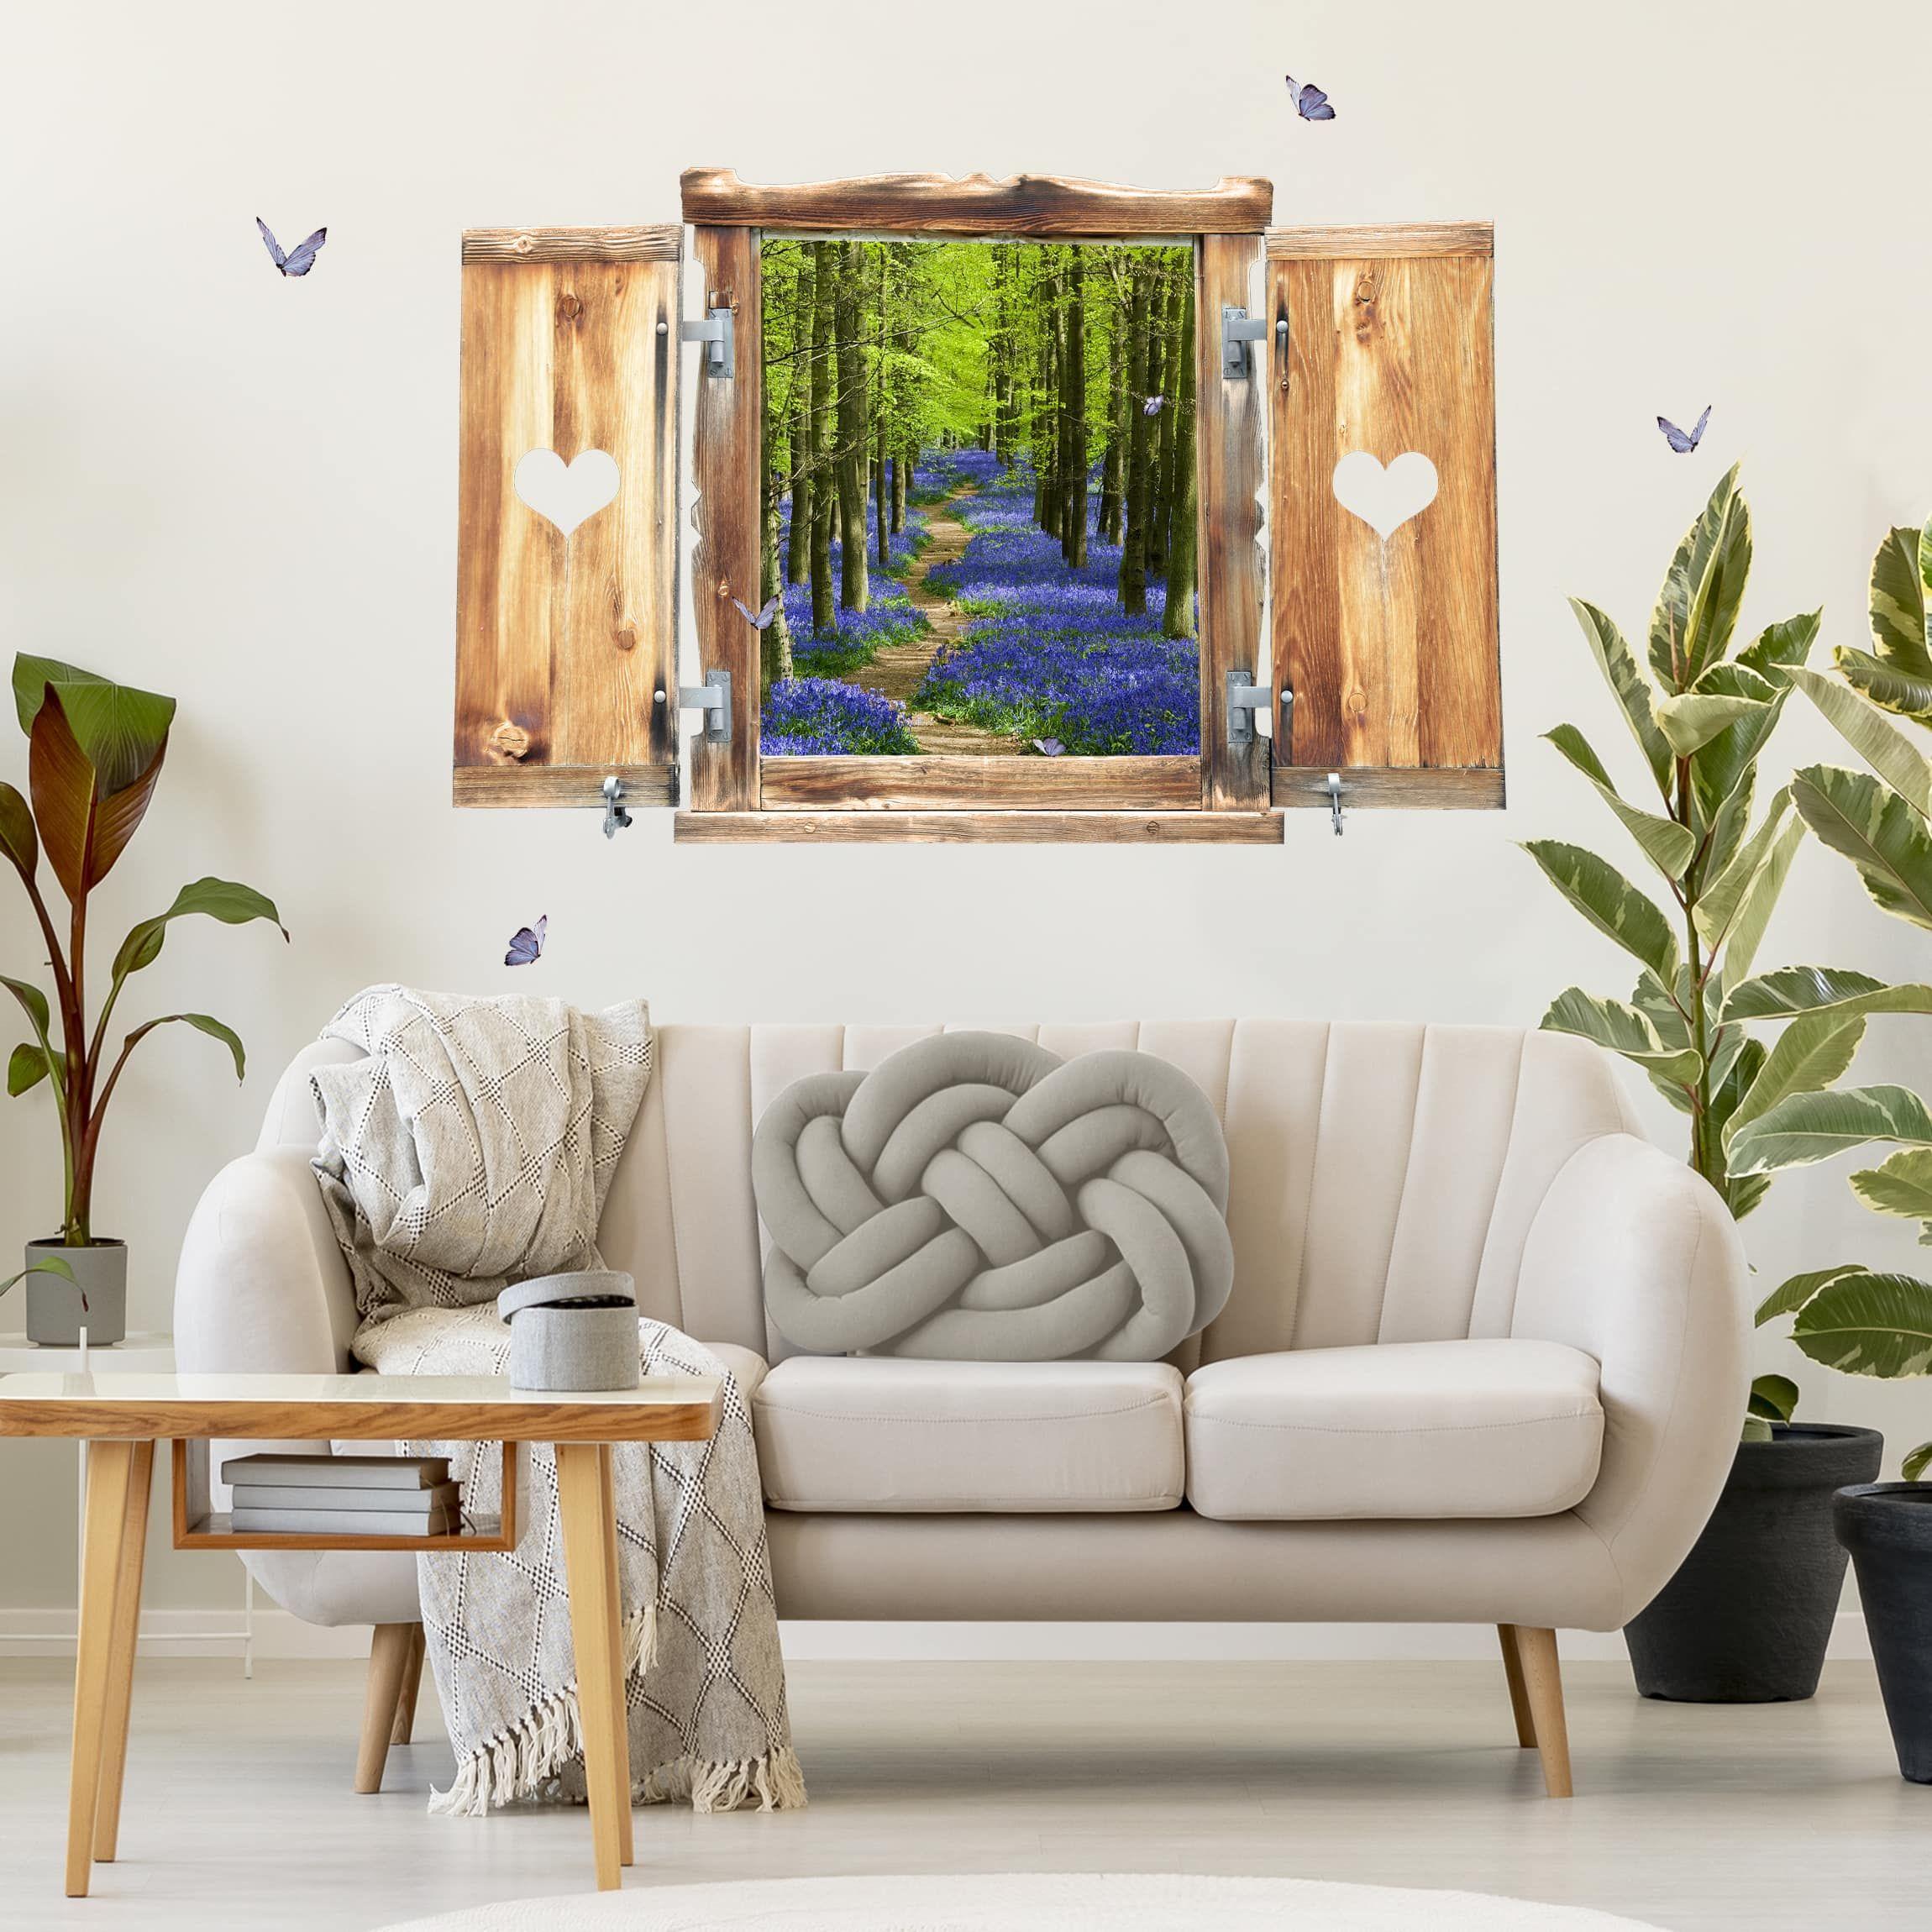 Trompe L Oeil Adesivi Murali.Trompe L Oeil Adesivi Murali Finestra Tirolese Su Hertfordshire